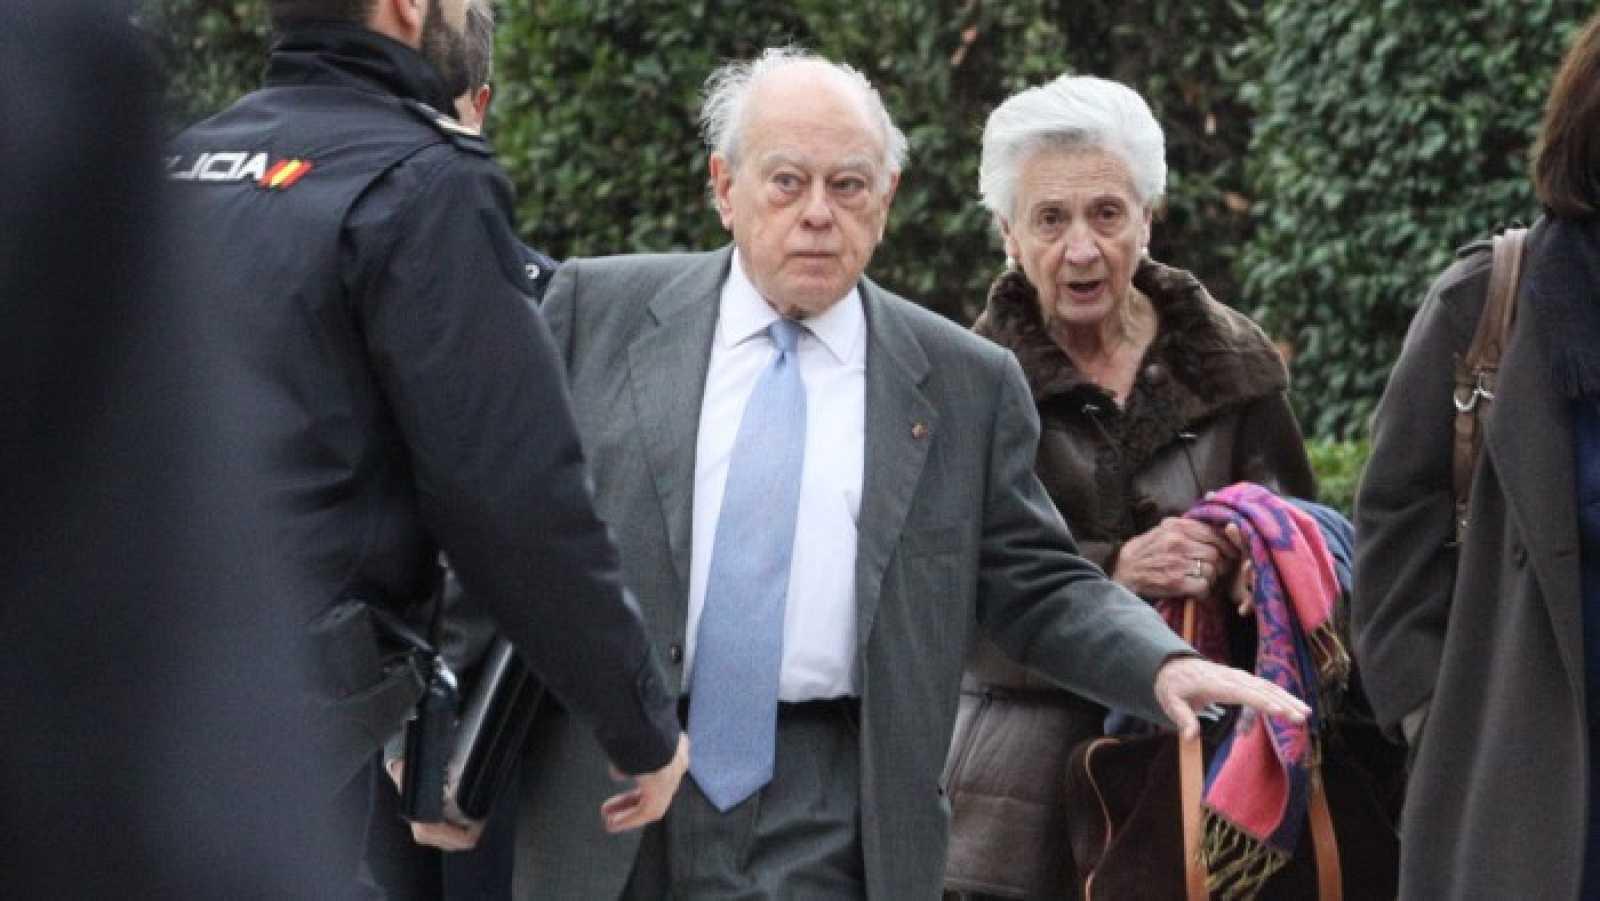 La familia Pujol Ferrusola al completo irá a juicio acusados de varios delitos